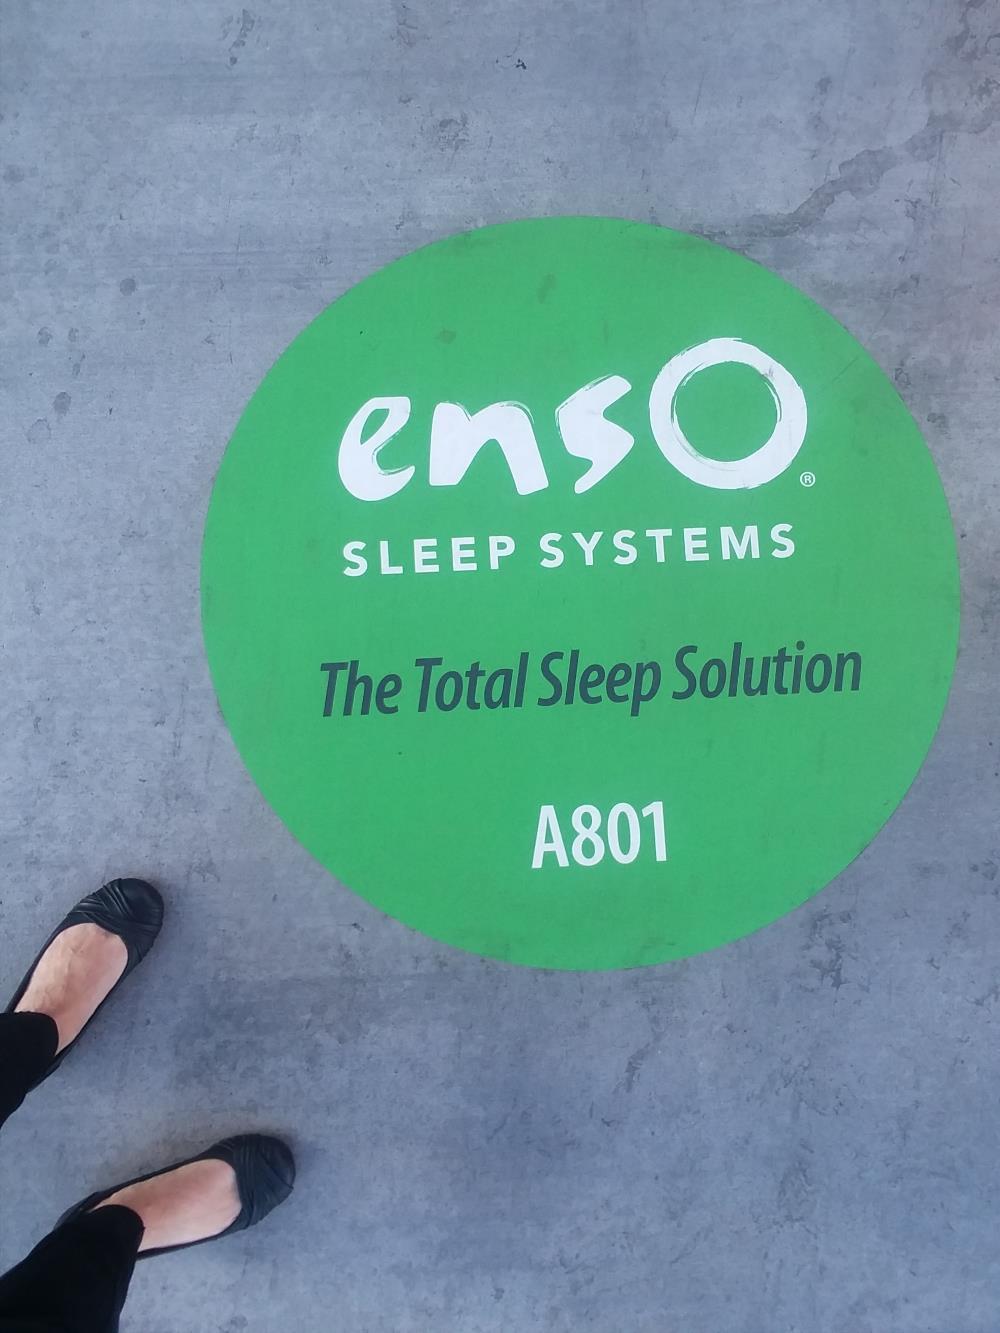 mattress ads on sidewalk